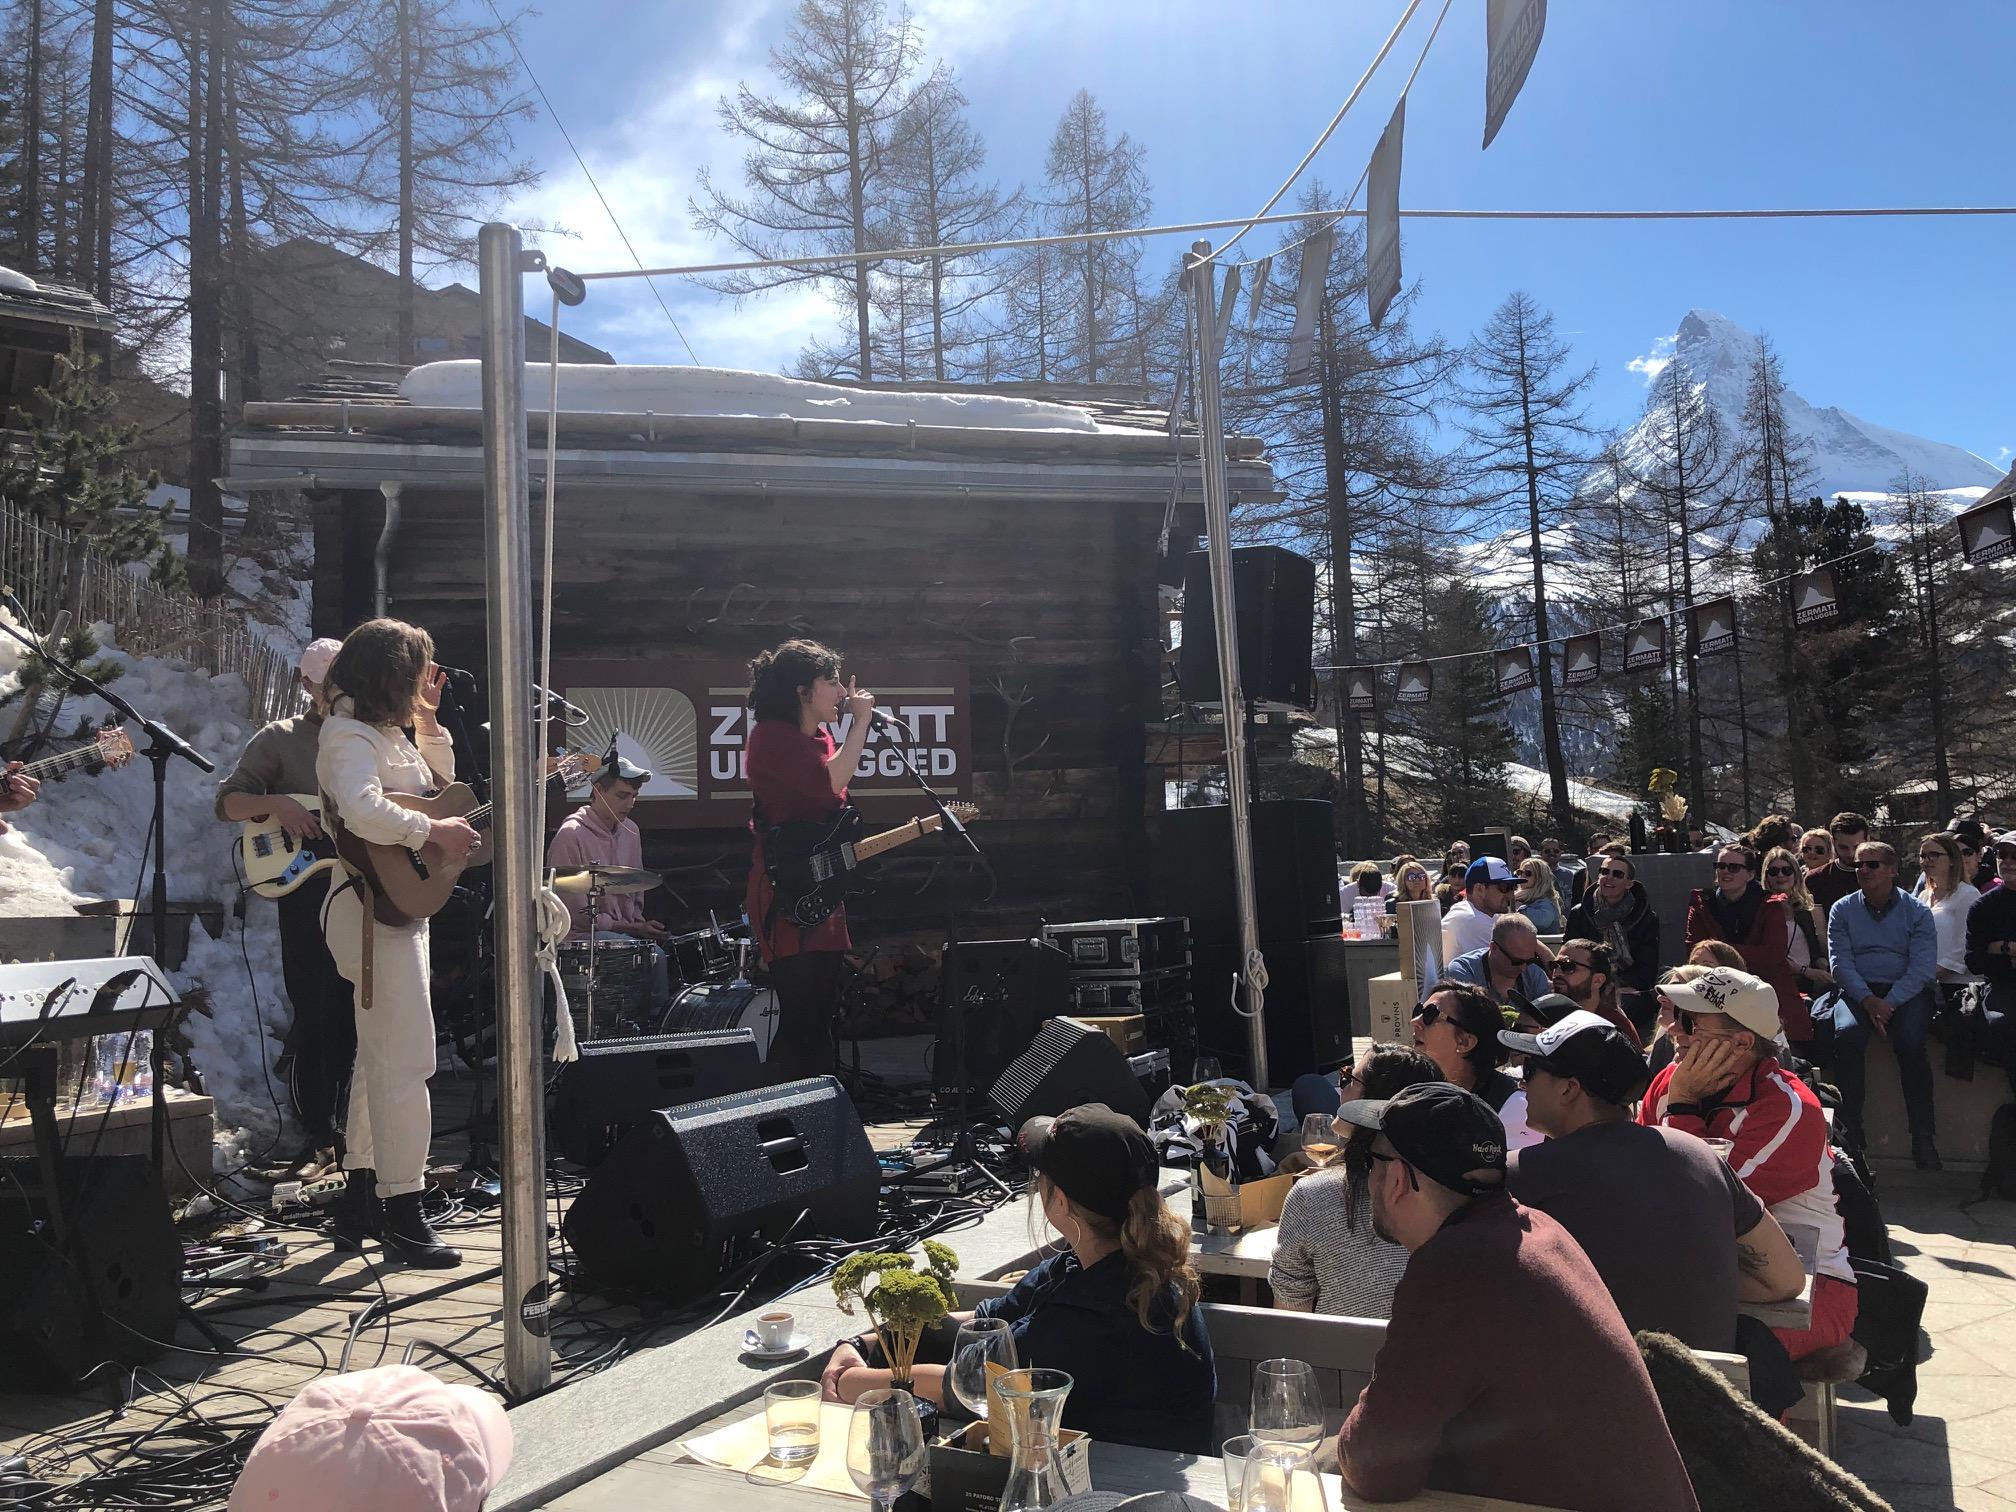 Zermatt Unplugged Steiner Madlaina